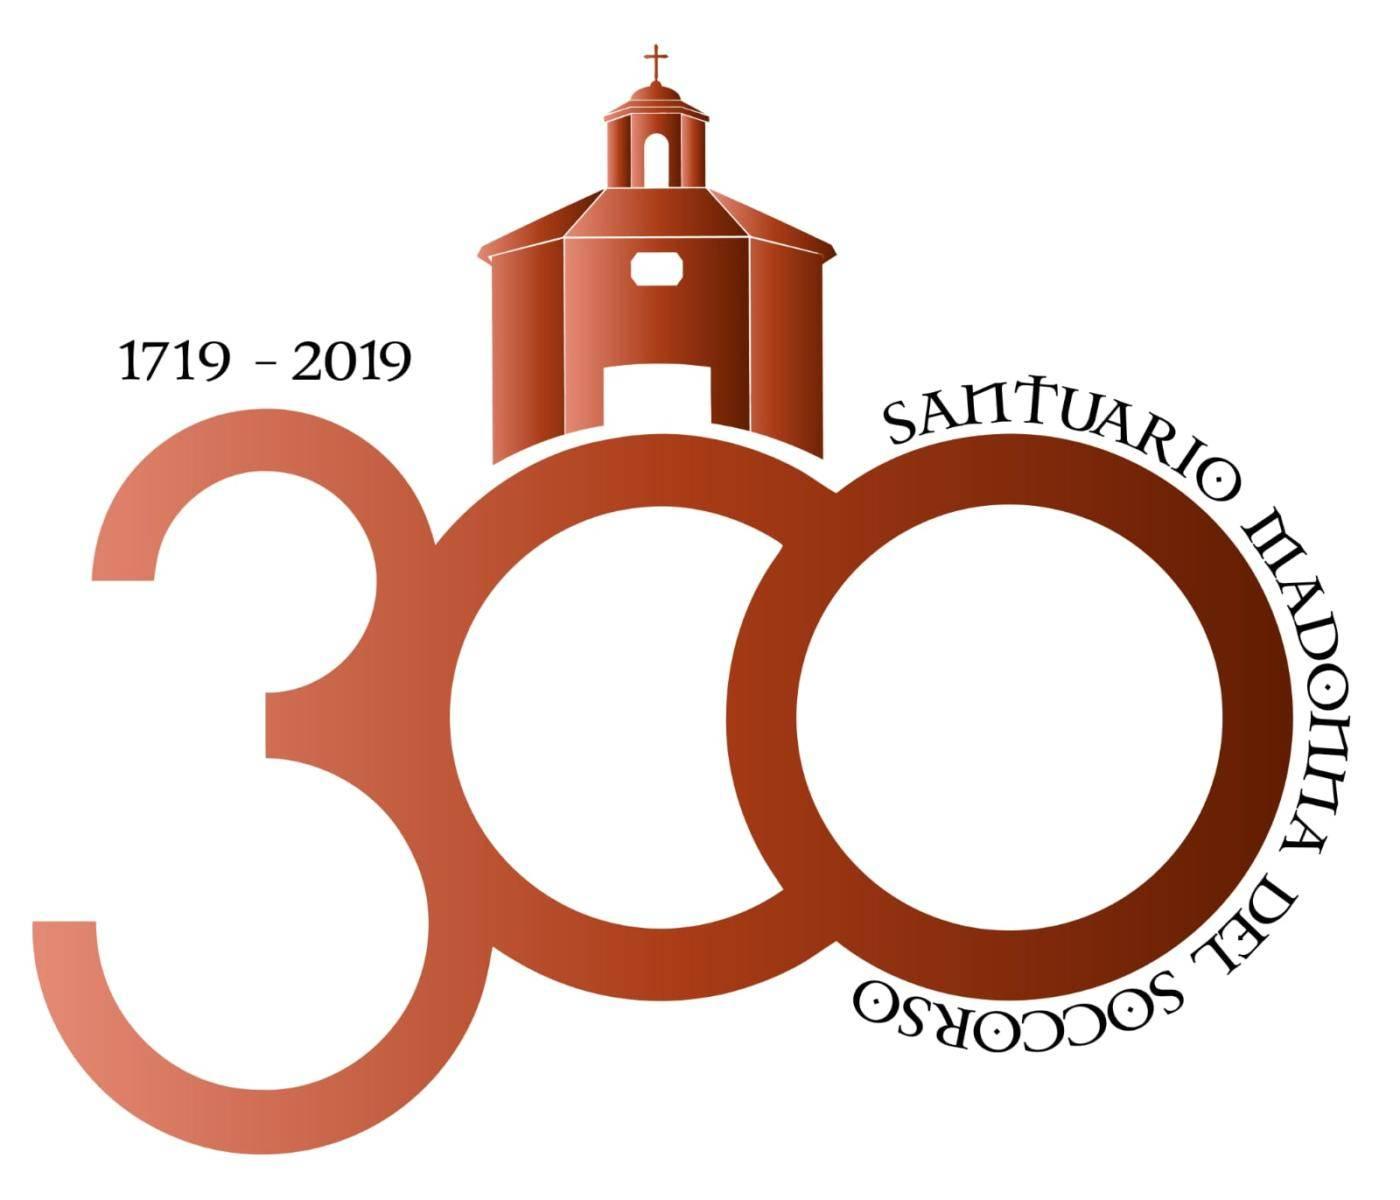 300 anni del Santuario della Madonna del Soccorso